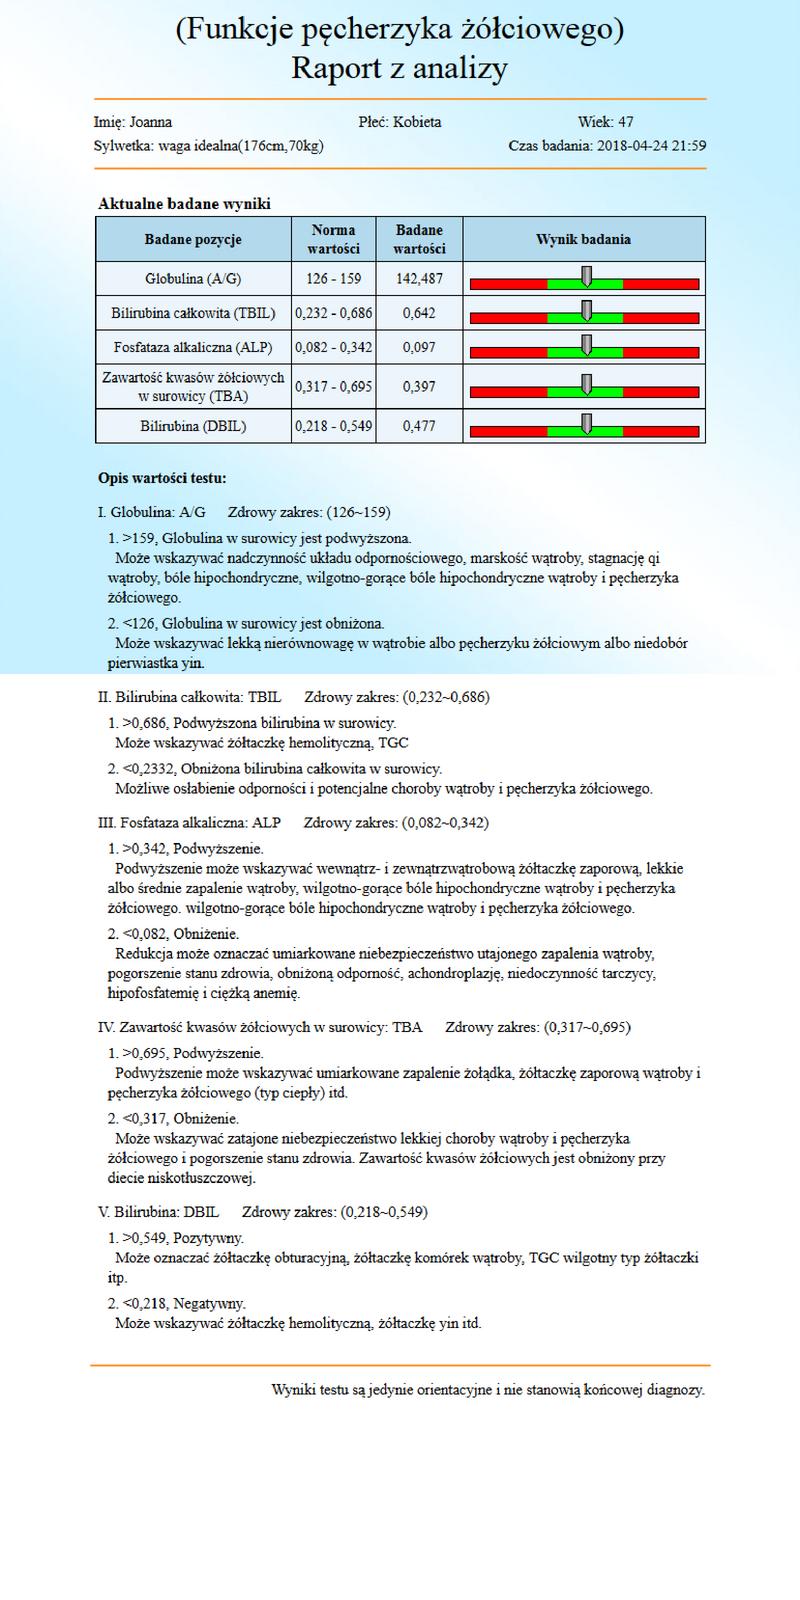 Funkcje pęcherzyka żółciowego analiza m